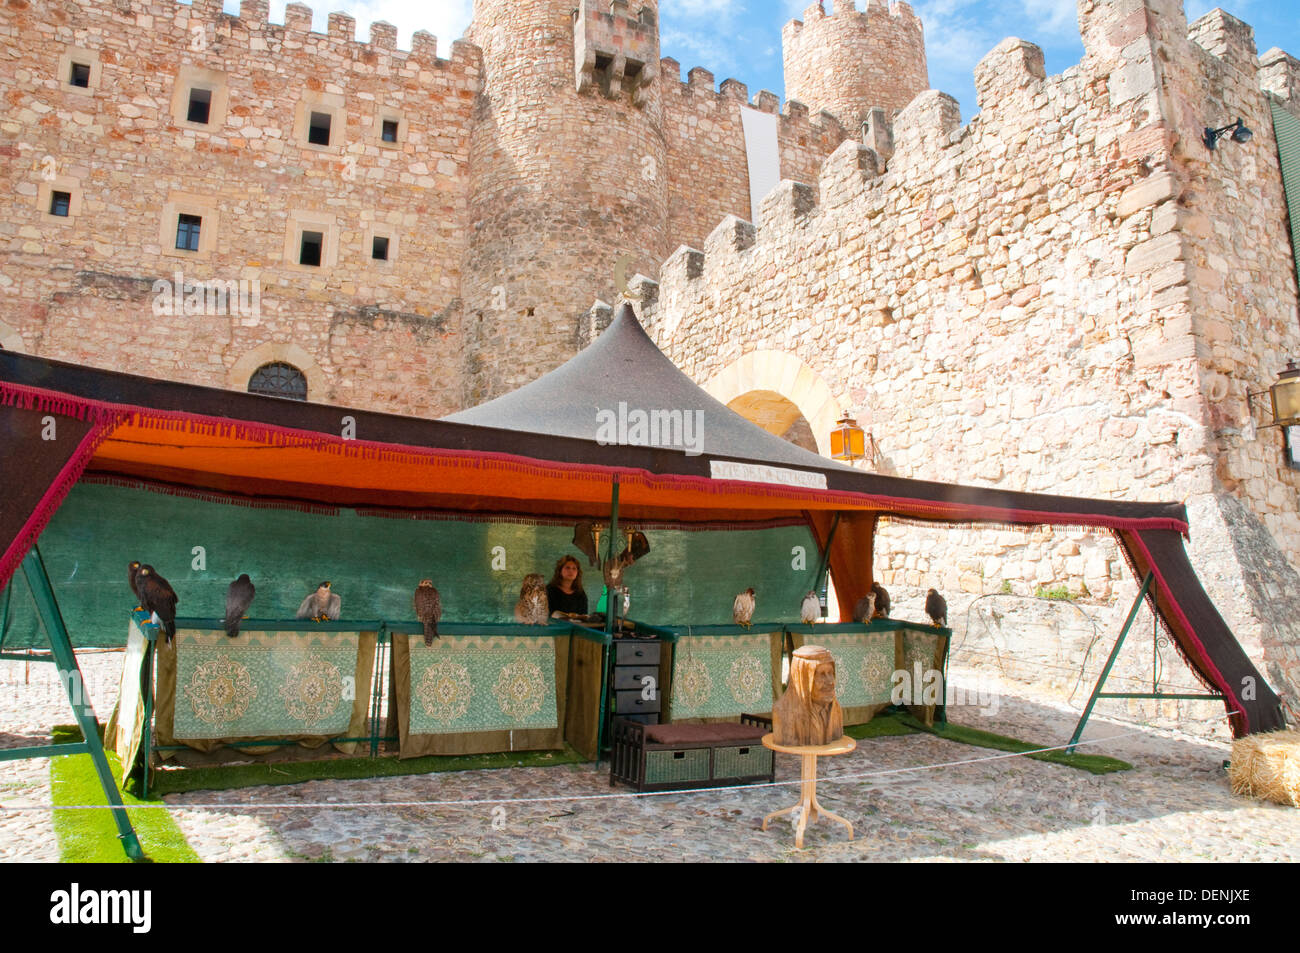 Falknerei-Stall in der Nähe der Burg. Mittelalterlichen Tagen Sigüenza, Guadalajara Provinz Kastilien-La Mancha, Spanien. Stockbild